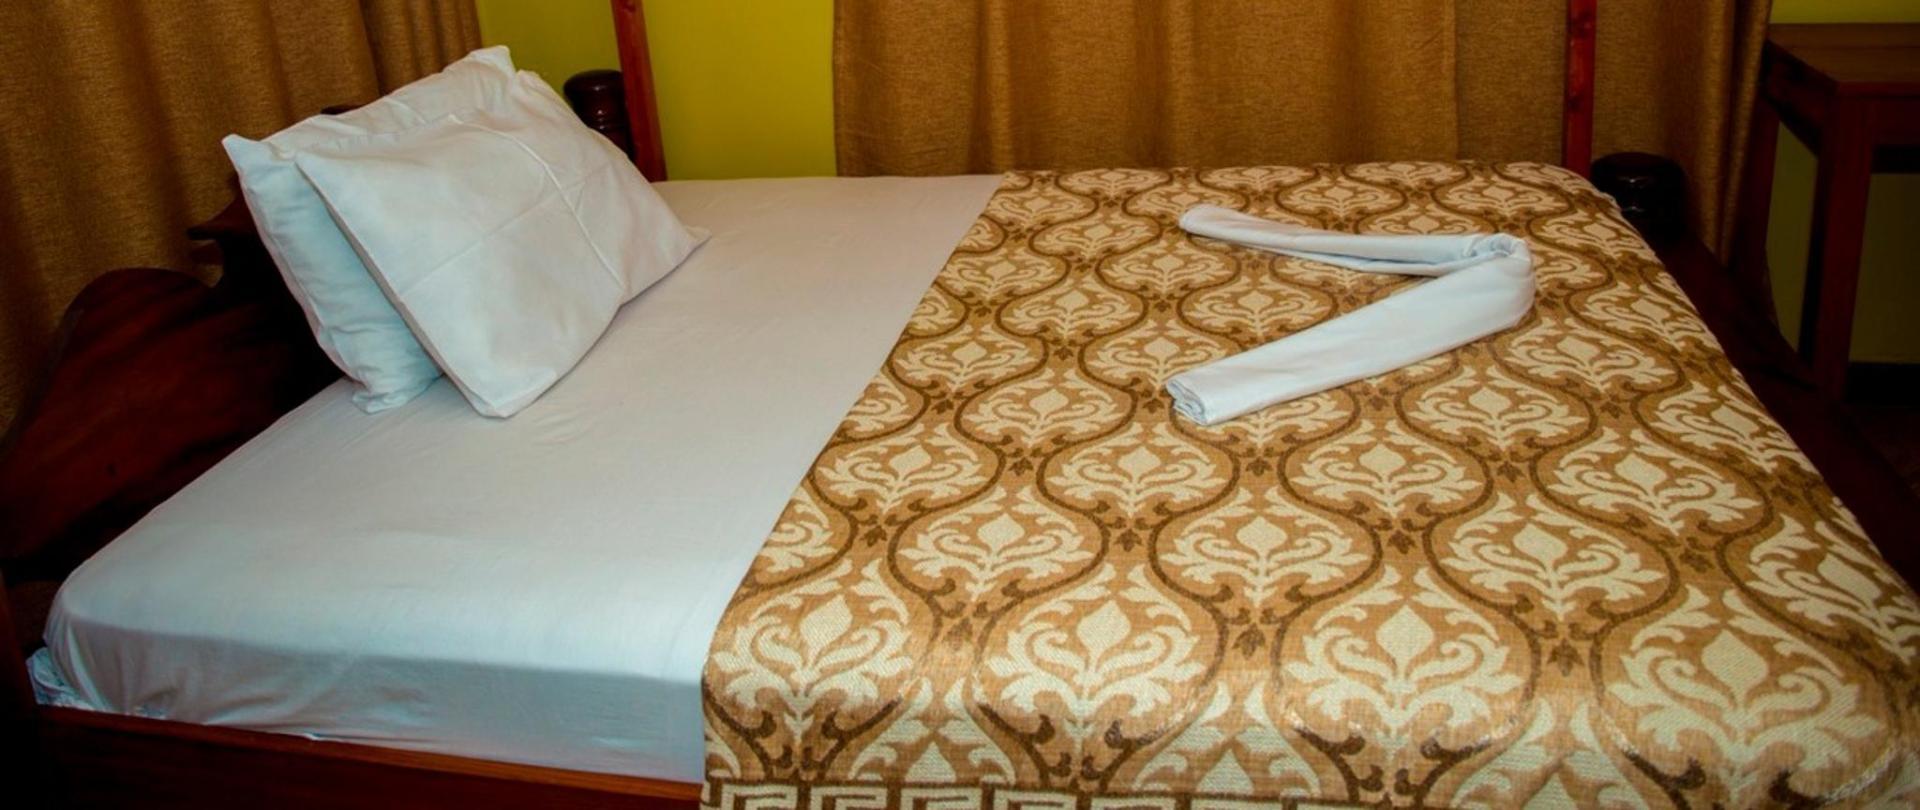 MIKOCHENI CONDO HOTEL091.jpg